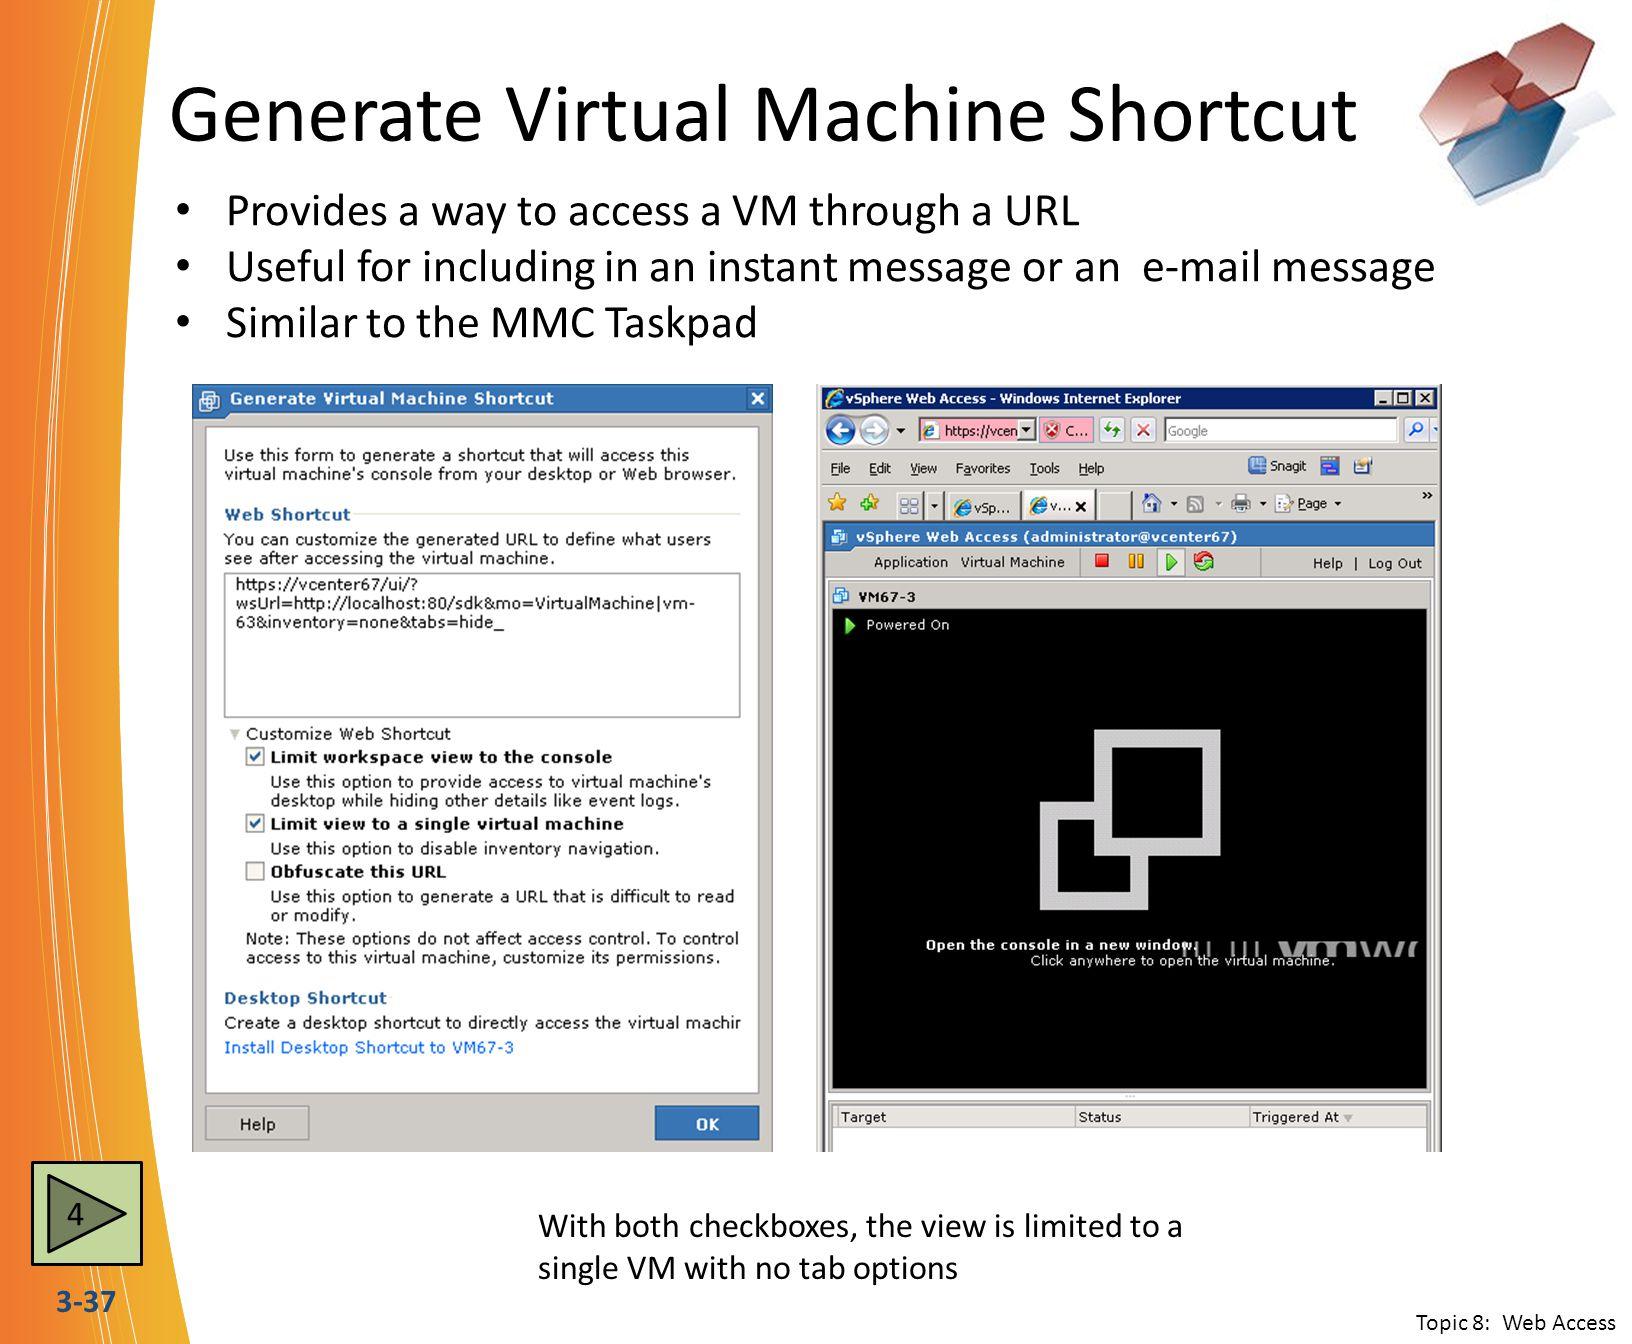 Generate Virtual Machine Shortcut